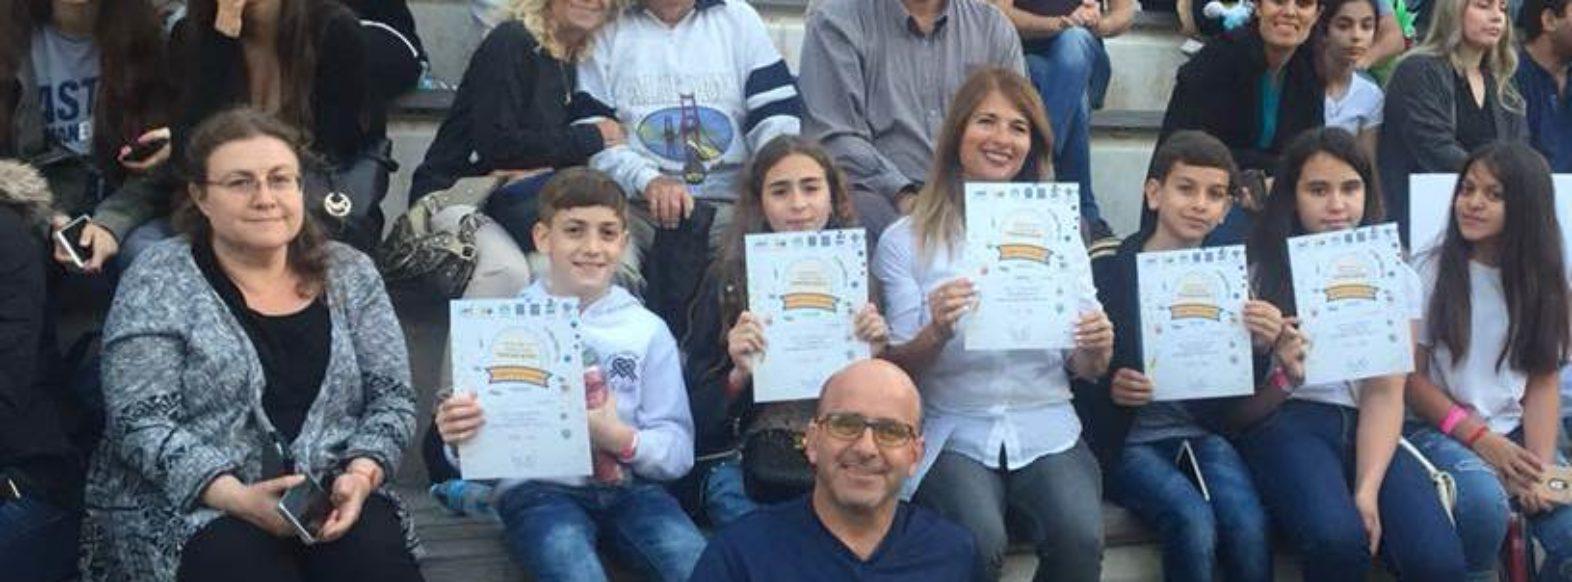 בית ספר קדימה מקריית ביאליק זכה בתחרות החקר המחוזית